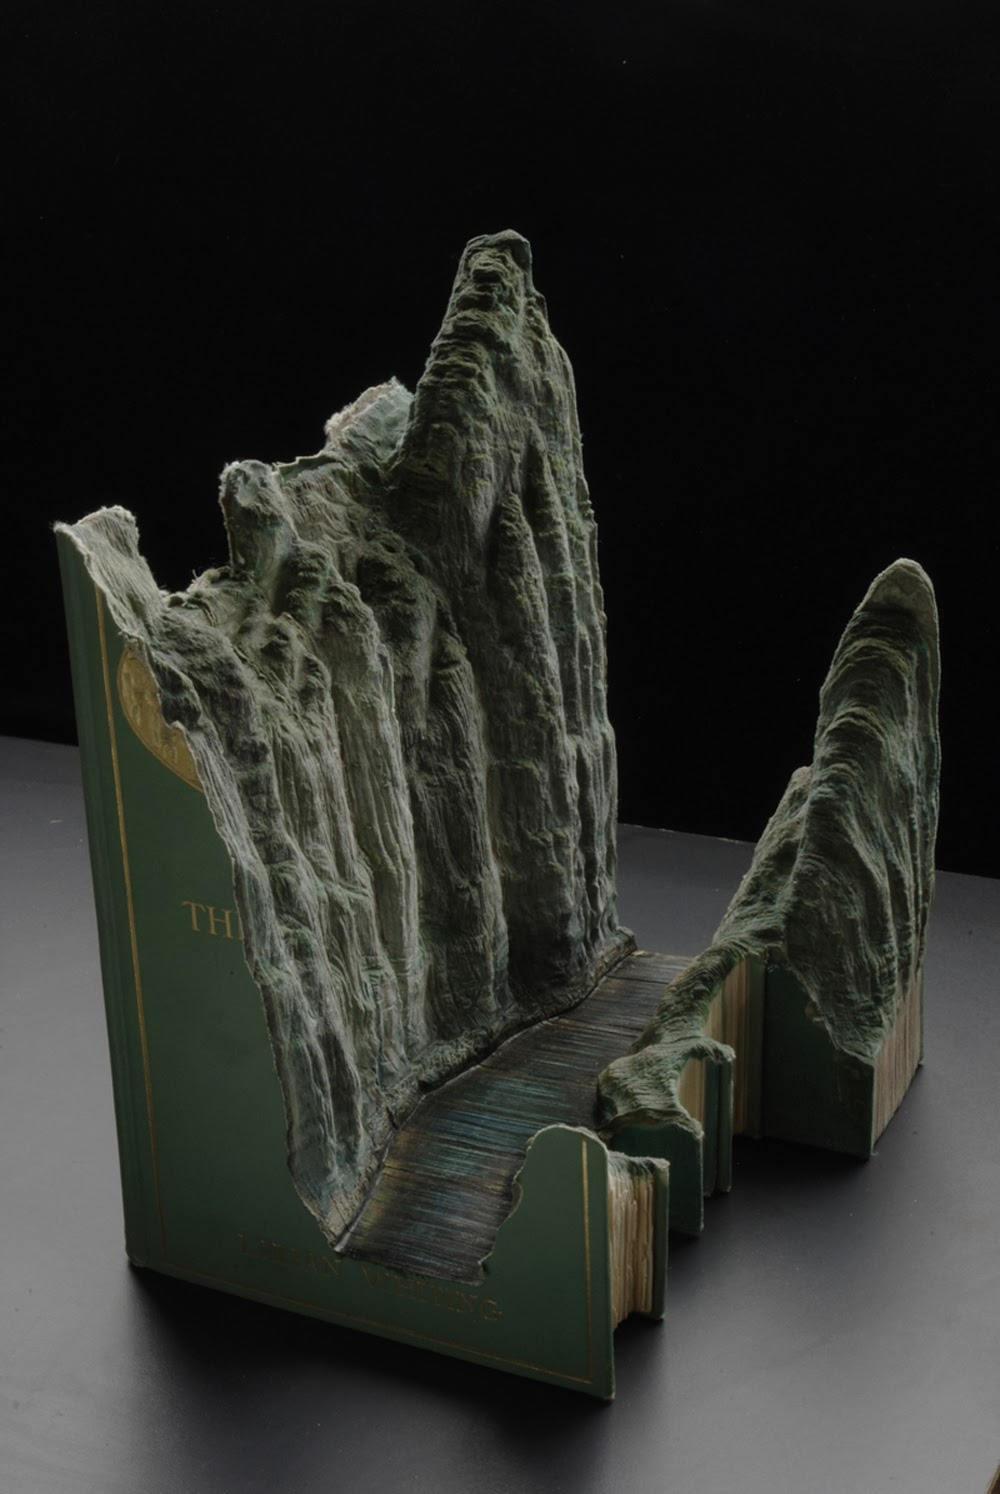 Người nghệ sĩ này cho rằng kiến thức là sự xói mòn chứ không phải sự vun đắp.